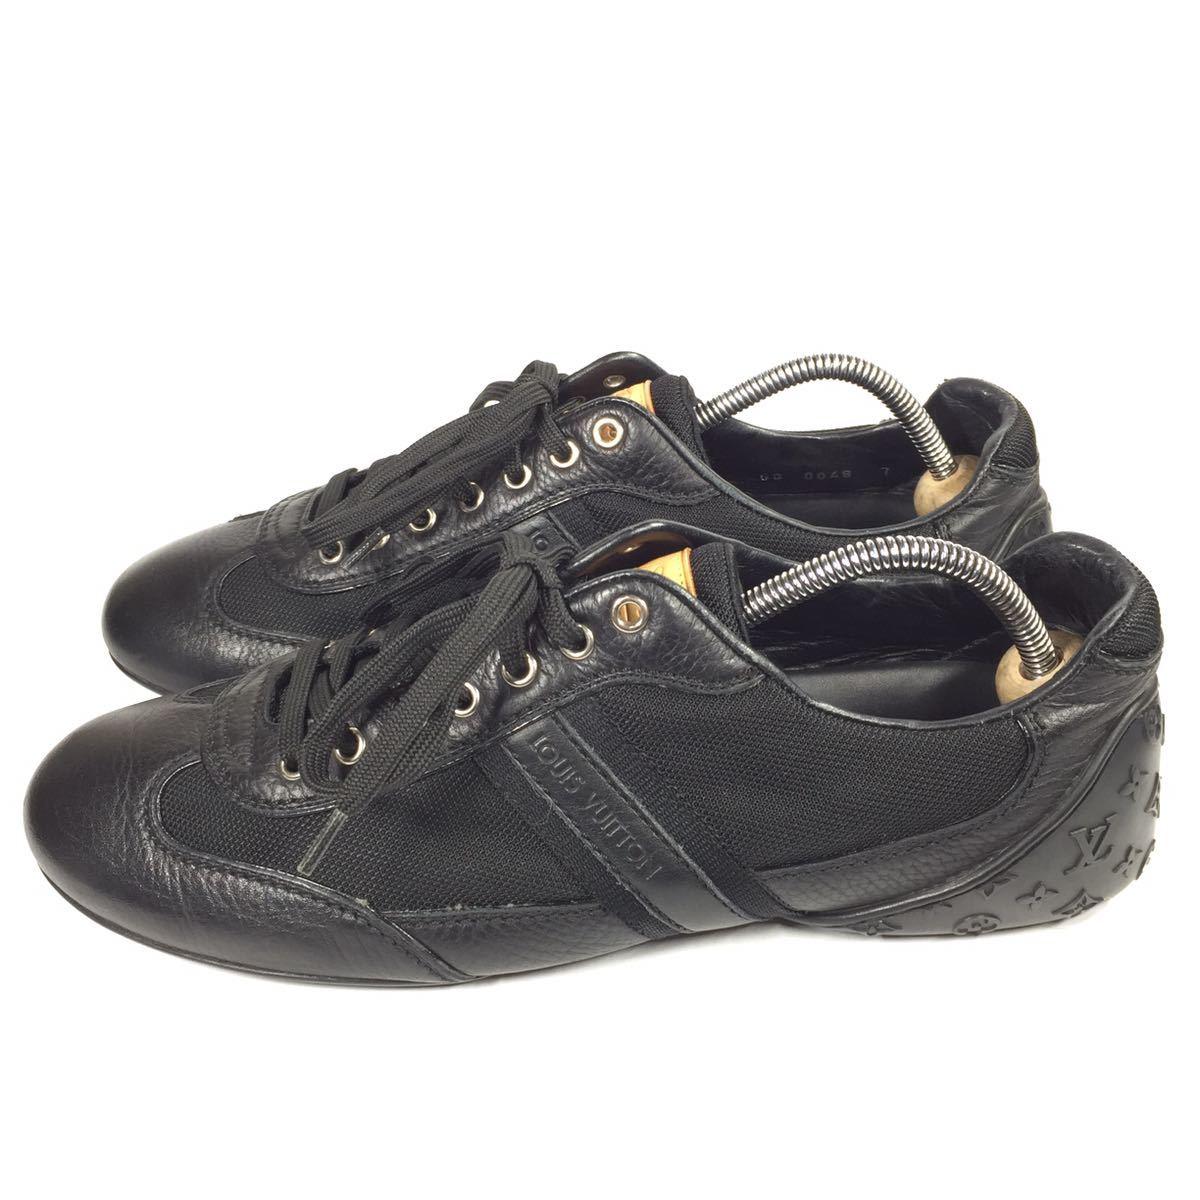 【ルイヴィトン】本物 LOUIS VUITTON 靴 26cm 黒 モノグラム スニーカー カジュアルシューズ 本革×化学繊維 レザー メンズ イタリア製 7_画像6